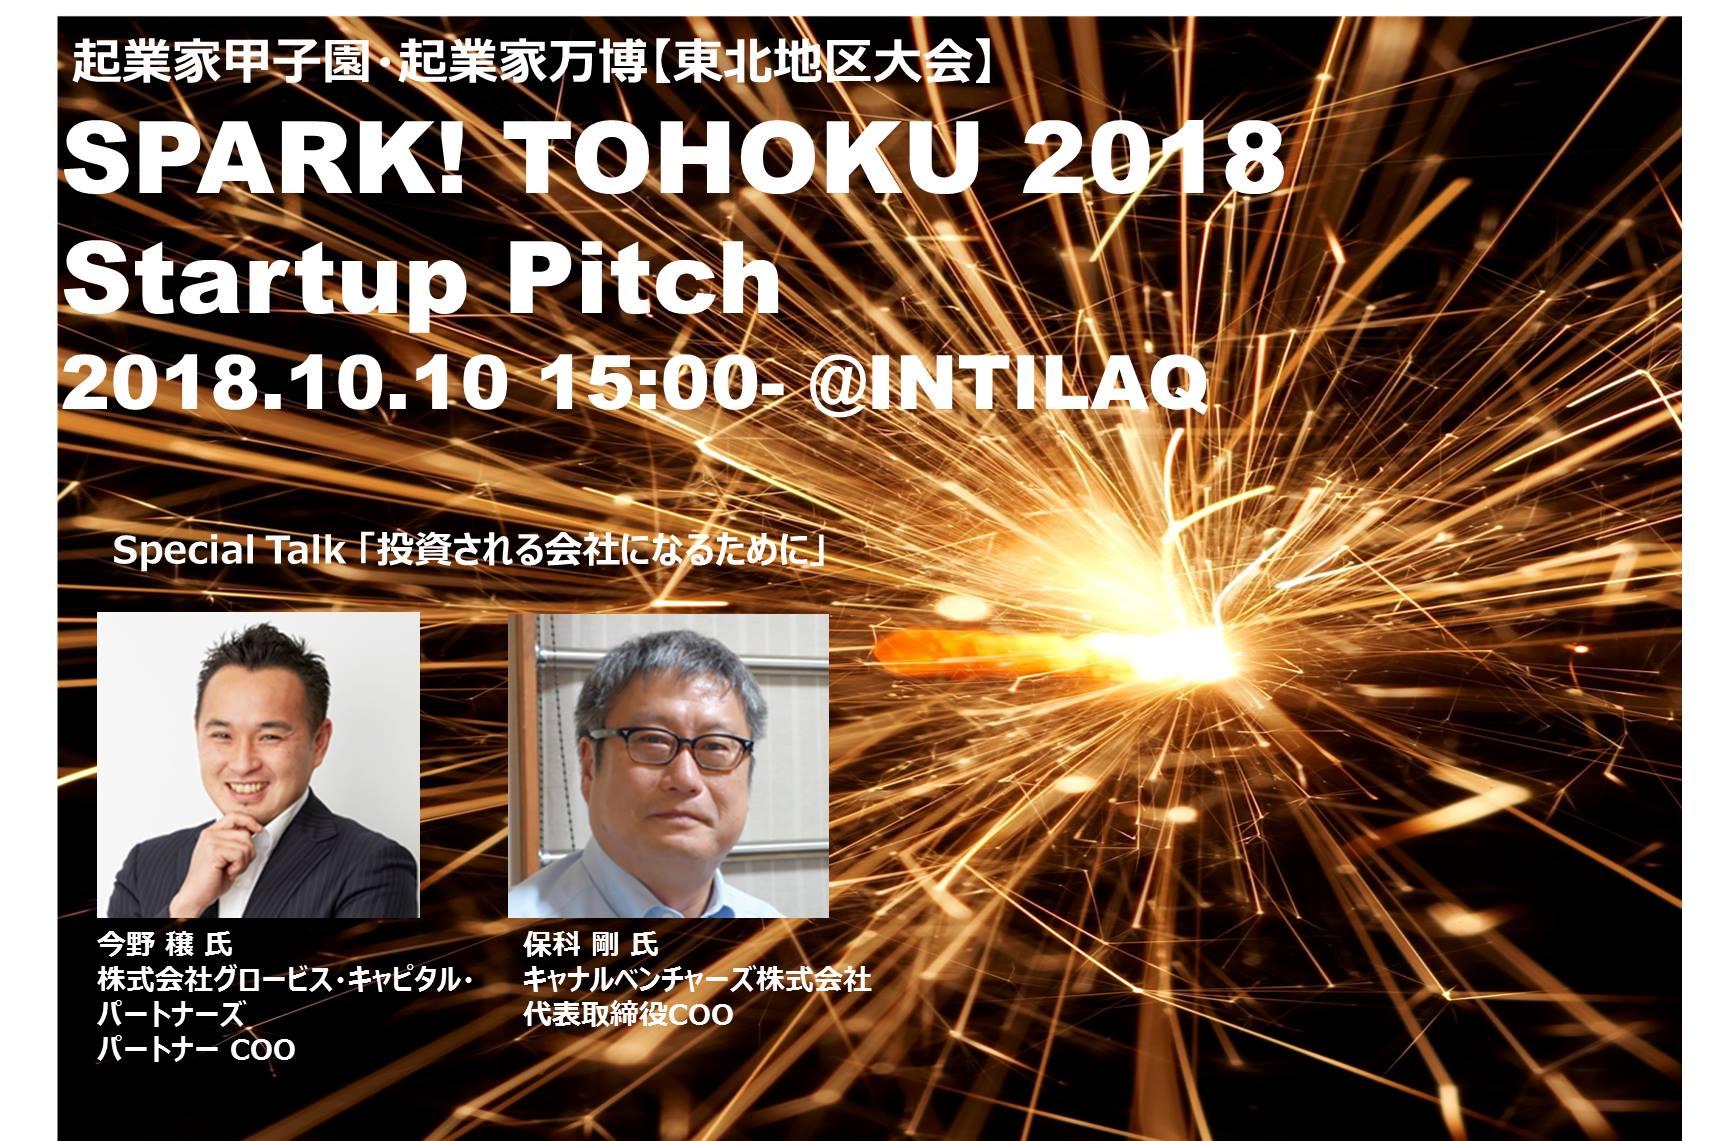 SPARK! TOHOKU 2018 Startup Pitch 10/10